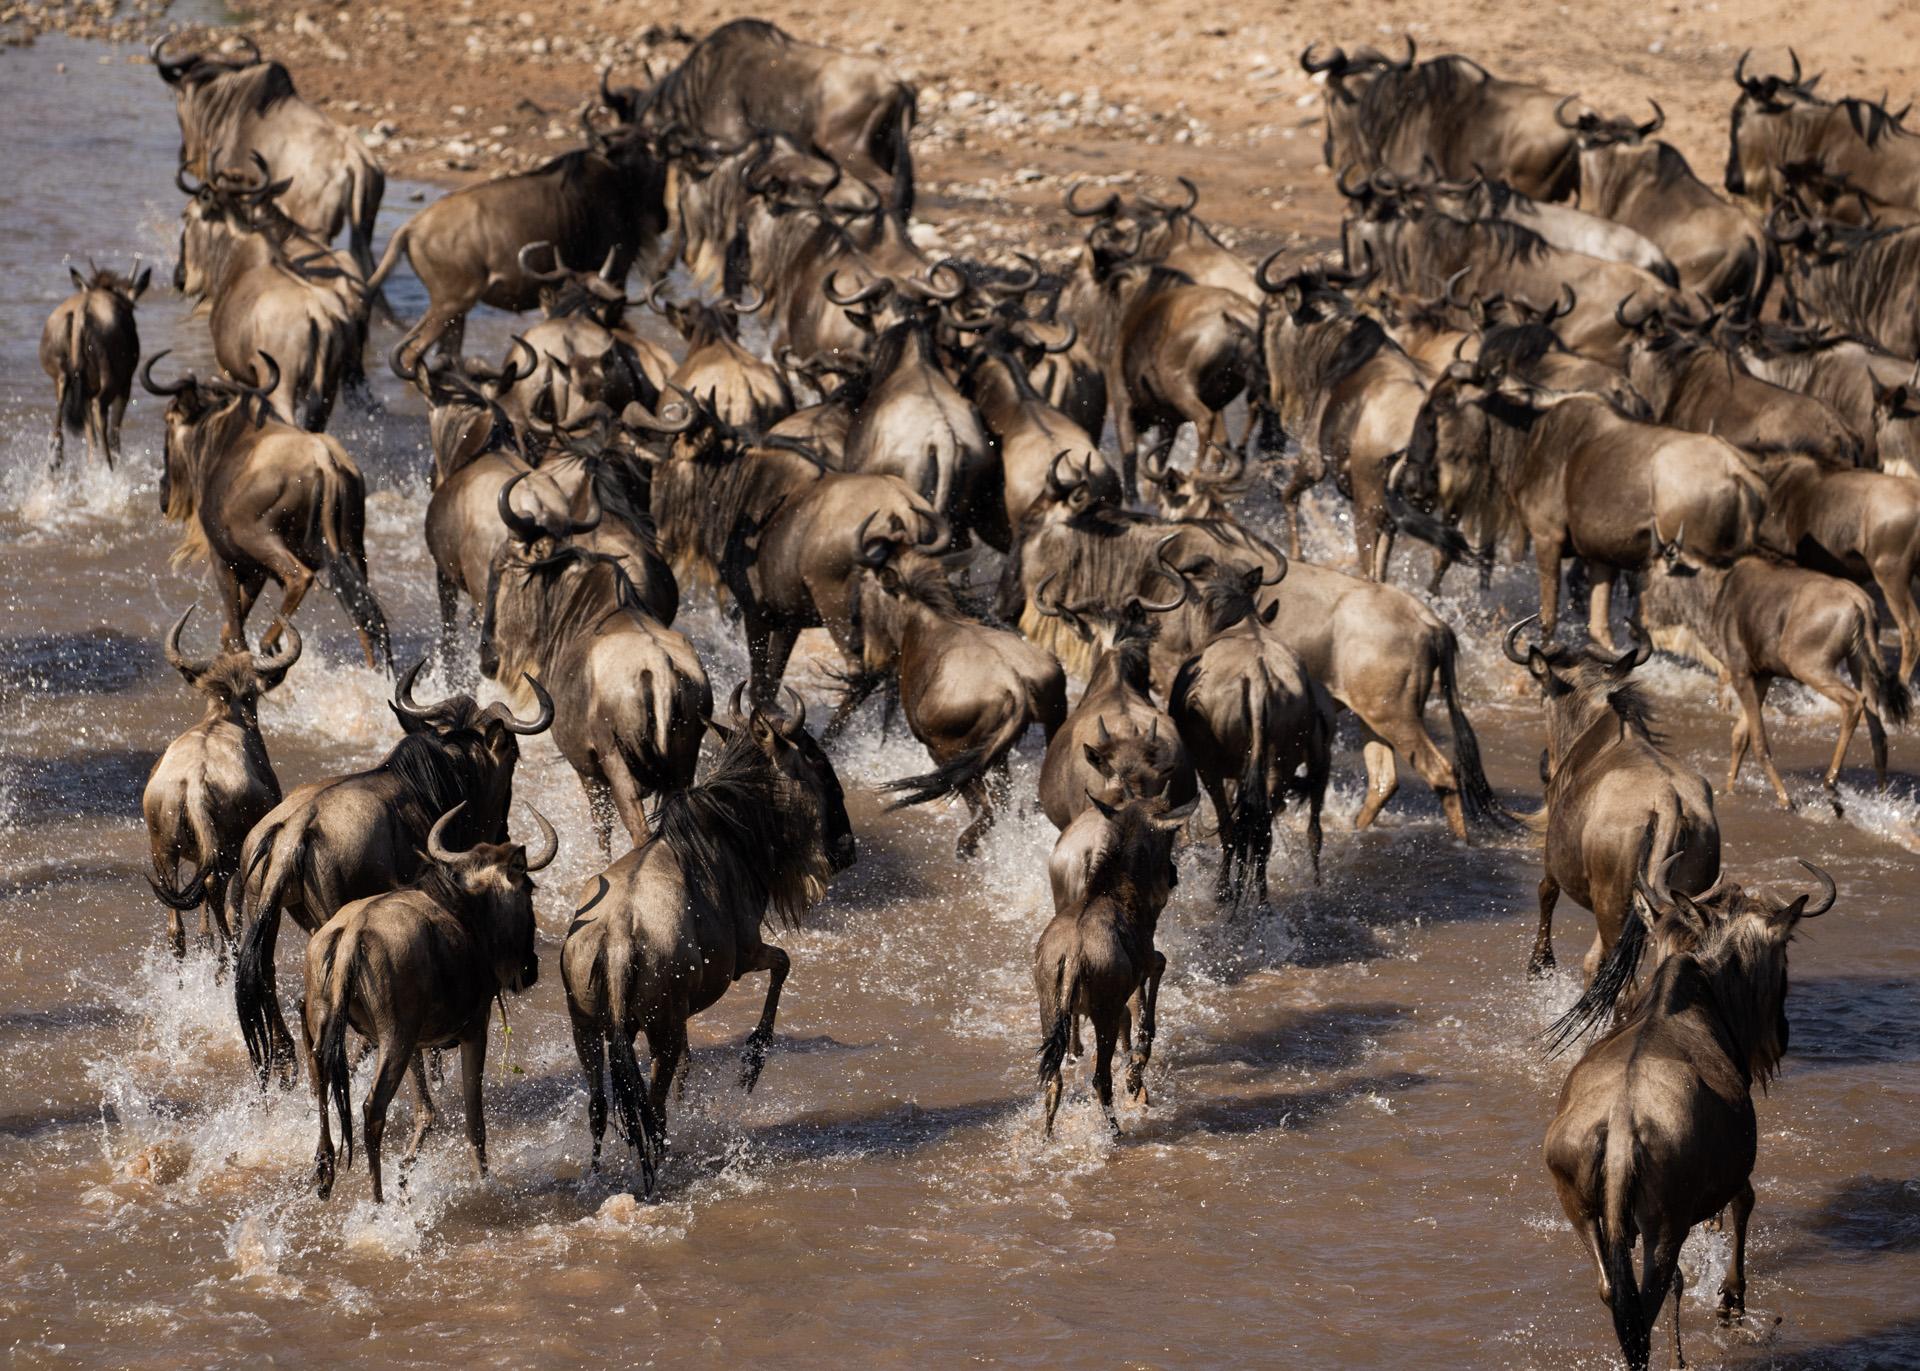 Wildebeest turn around